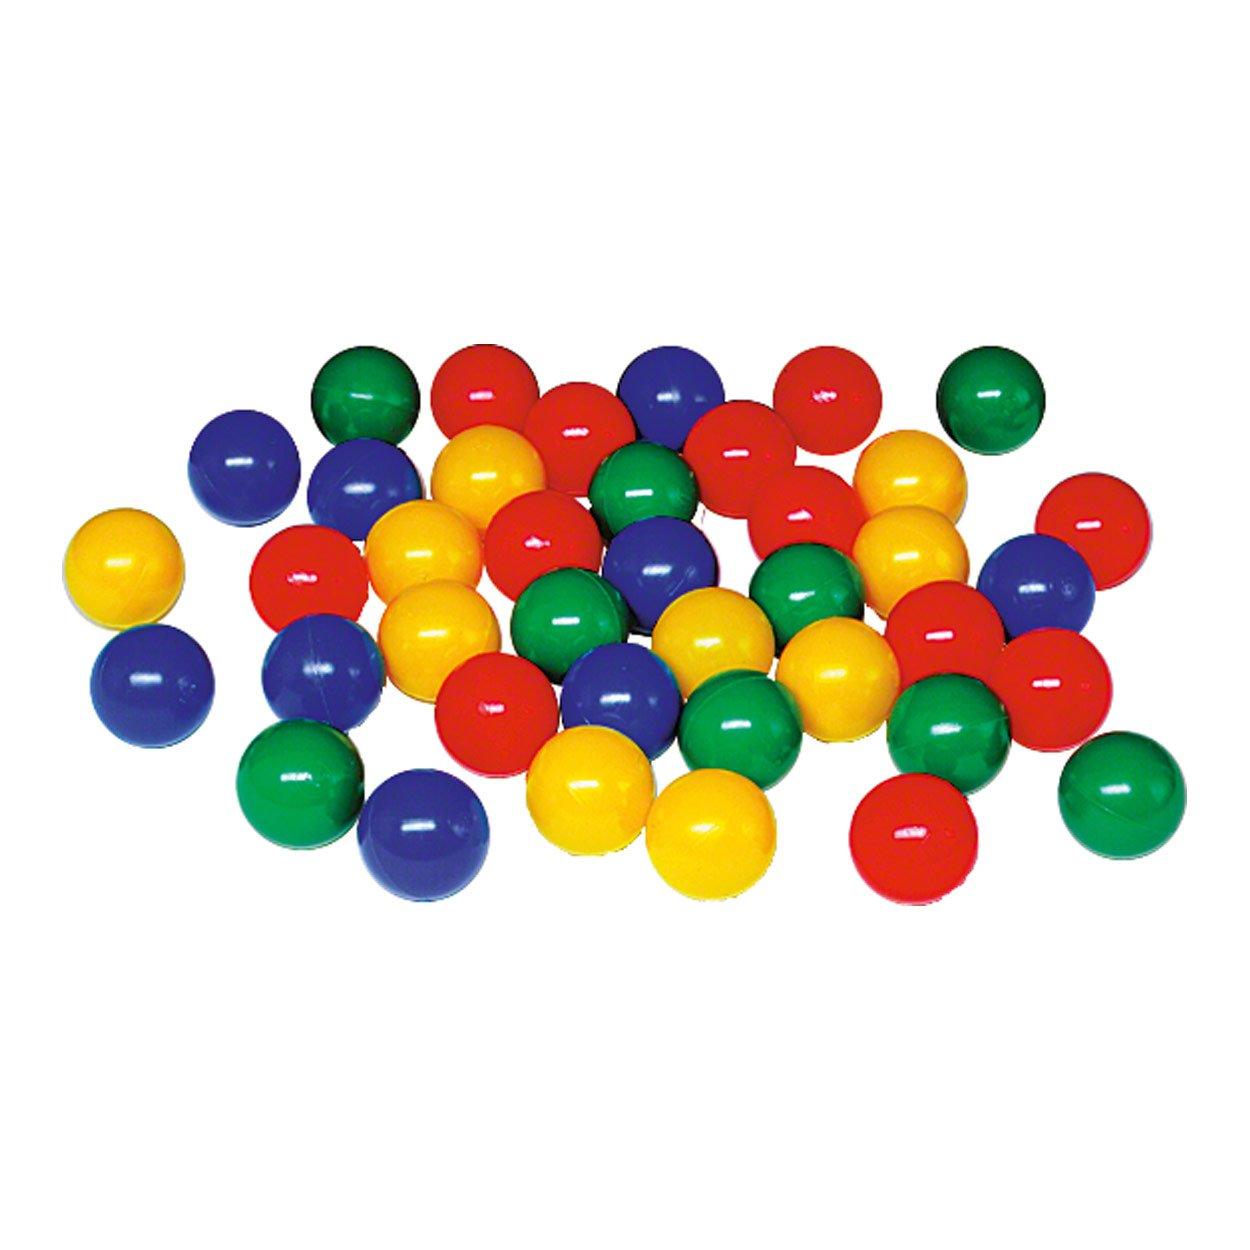 Bälle für Bällchenpool Bällepool Bällebad Bällchenbad Ballppol, 6 cm, 500 Stück